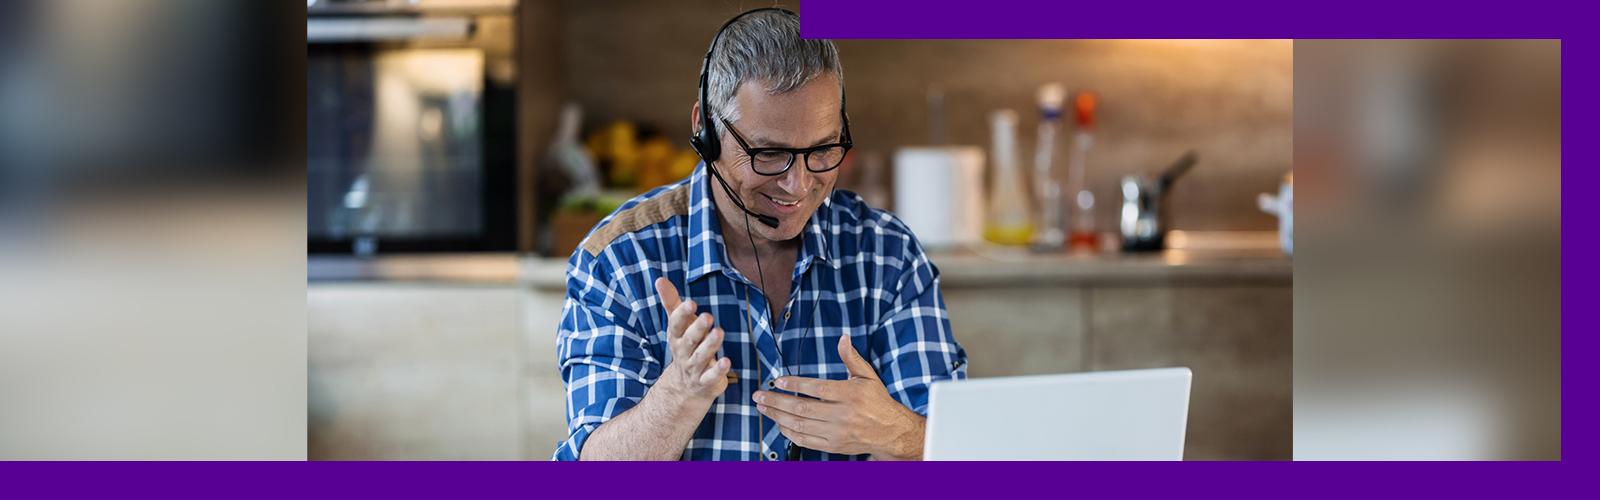 A imagem mostra um homem branco de meia idade, óculos de grau, vestido uma camisa xadrez azul e branca. Ele está sentado em frente a um computador, com um headfone, sorrindo enquanto gesticula.